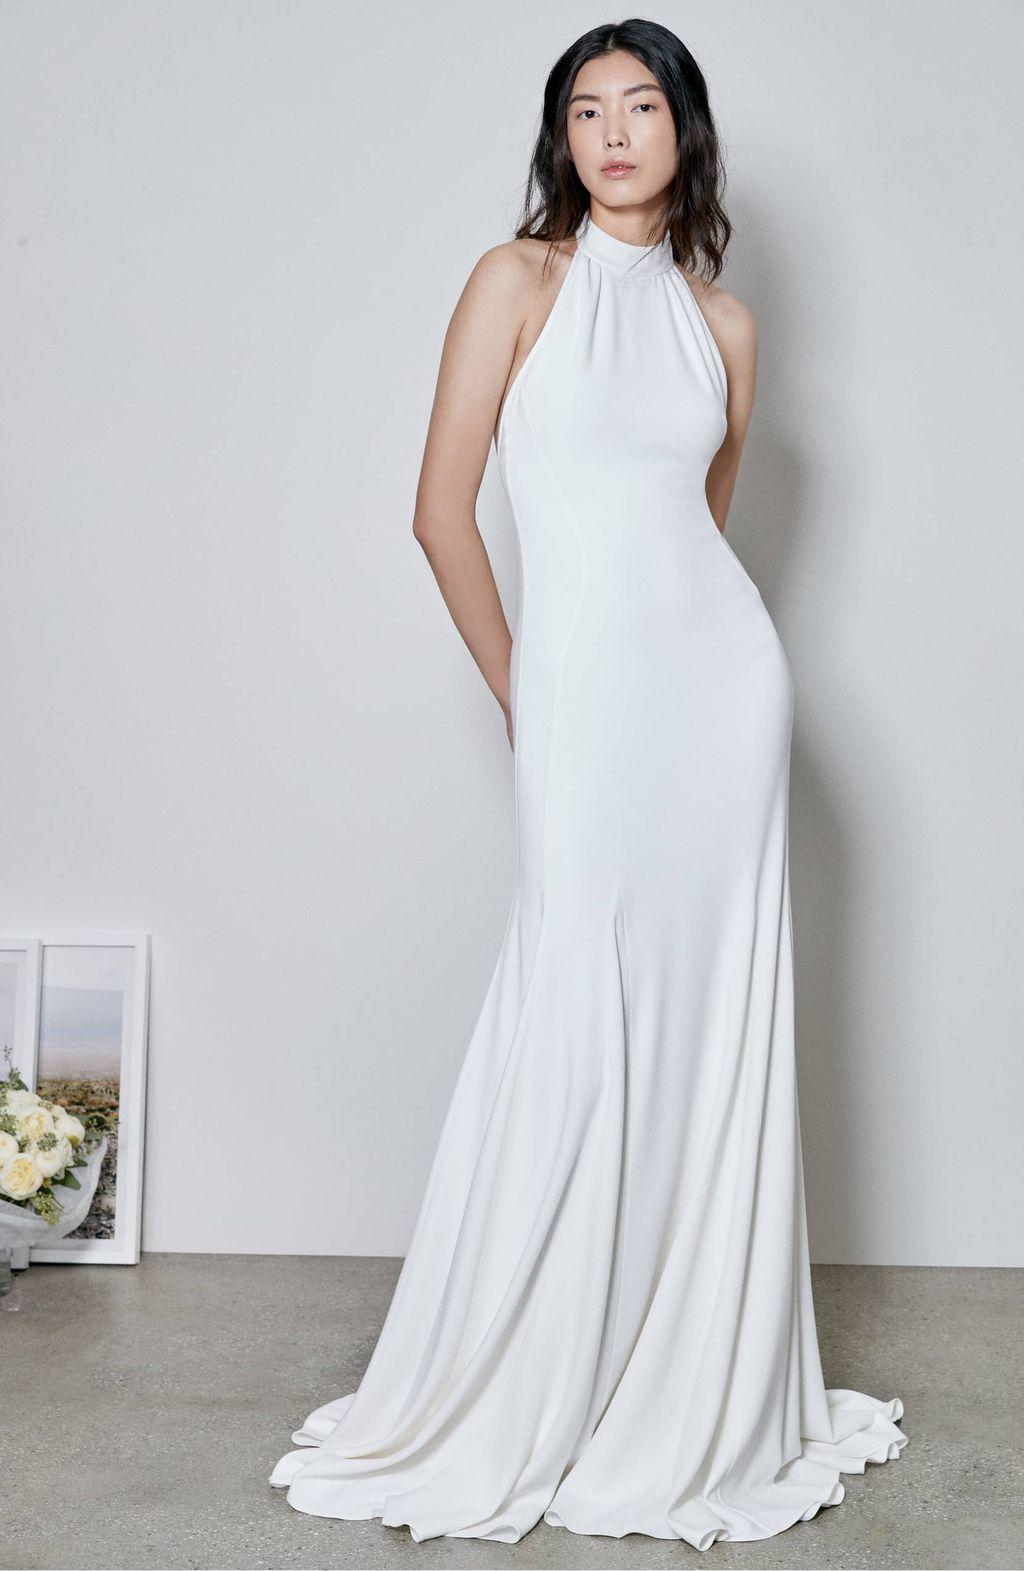 Nordstrom haljinu prodaje za 36.934,25 kuna